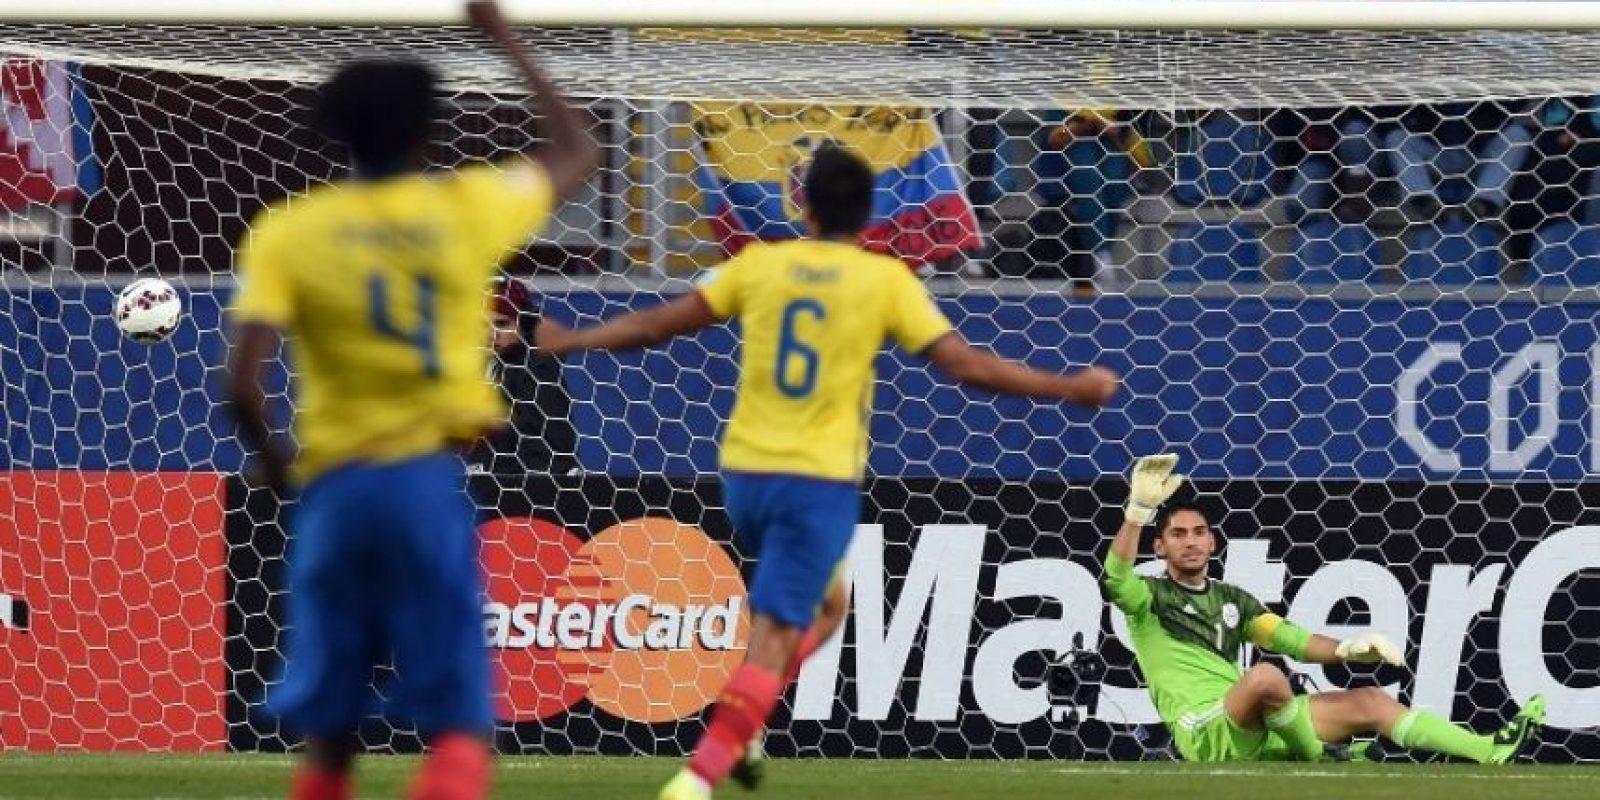 Neceistaban vencer a Ecuador y fueron derrotados 3-1 Foto:AFP